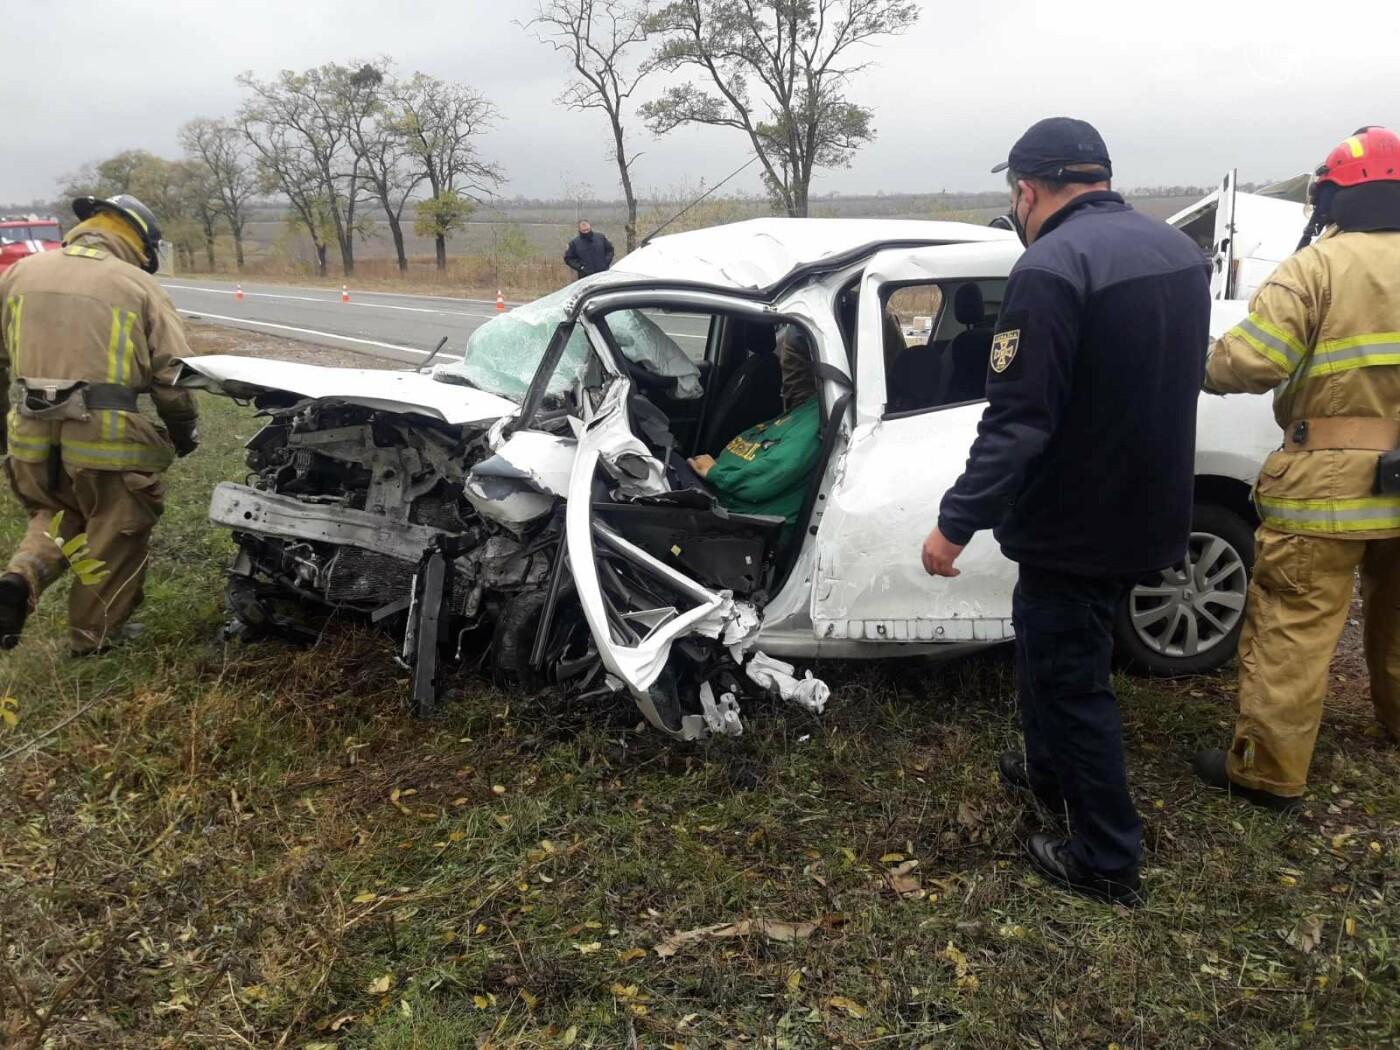 Автомобили вдребезги. В аварии на трассе под Мариуполем погибли два водителя, - ФОТО 18+, фото-8